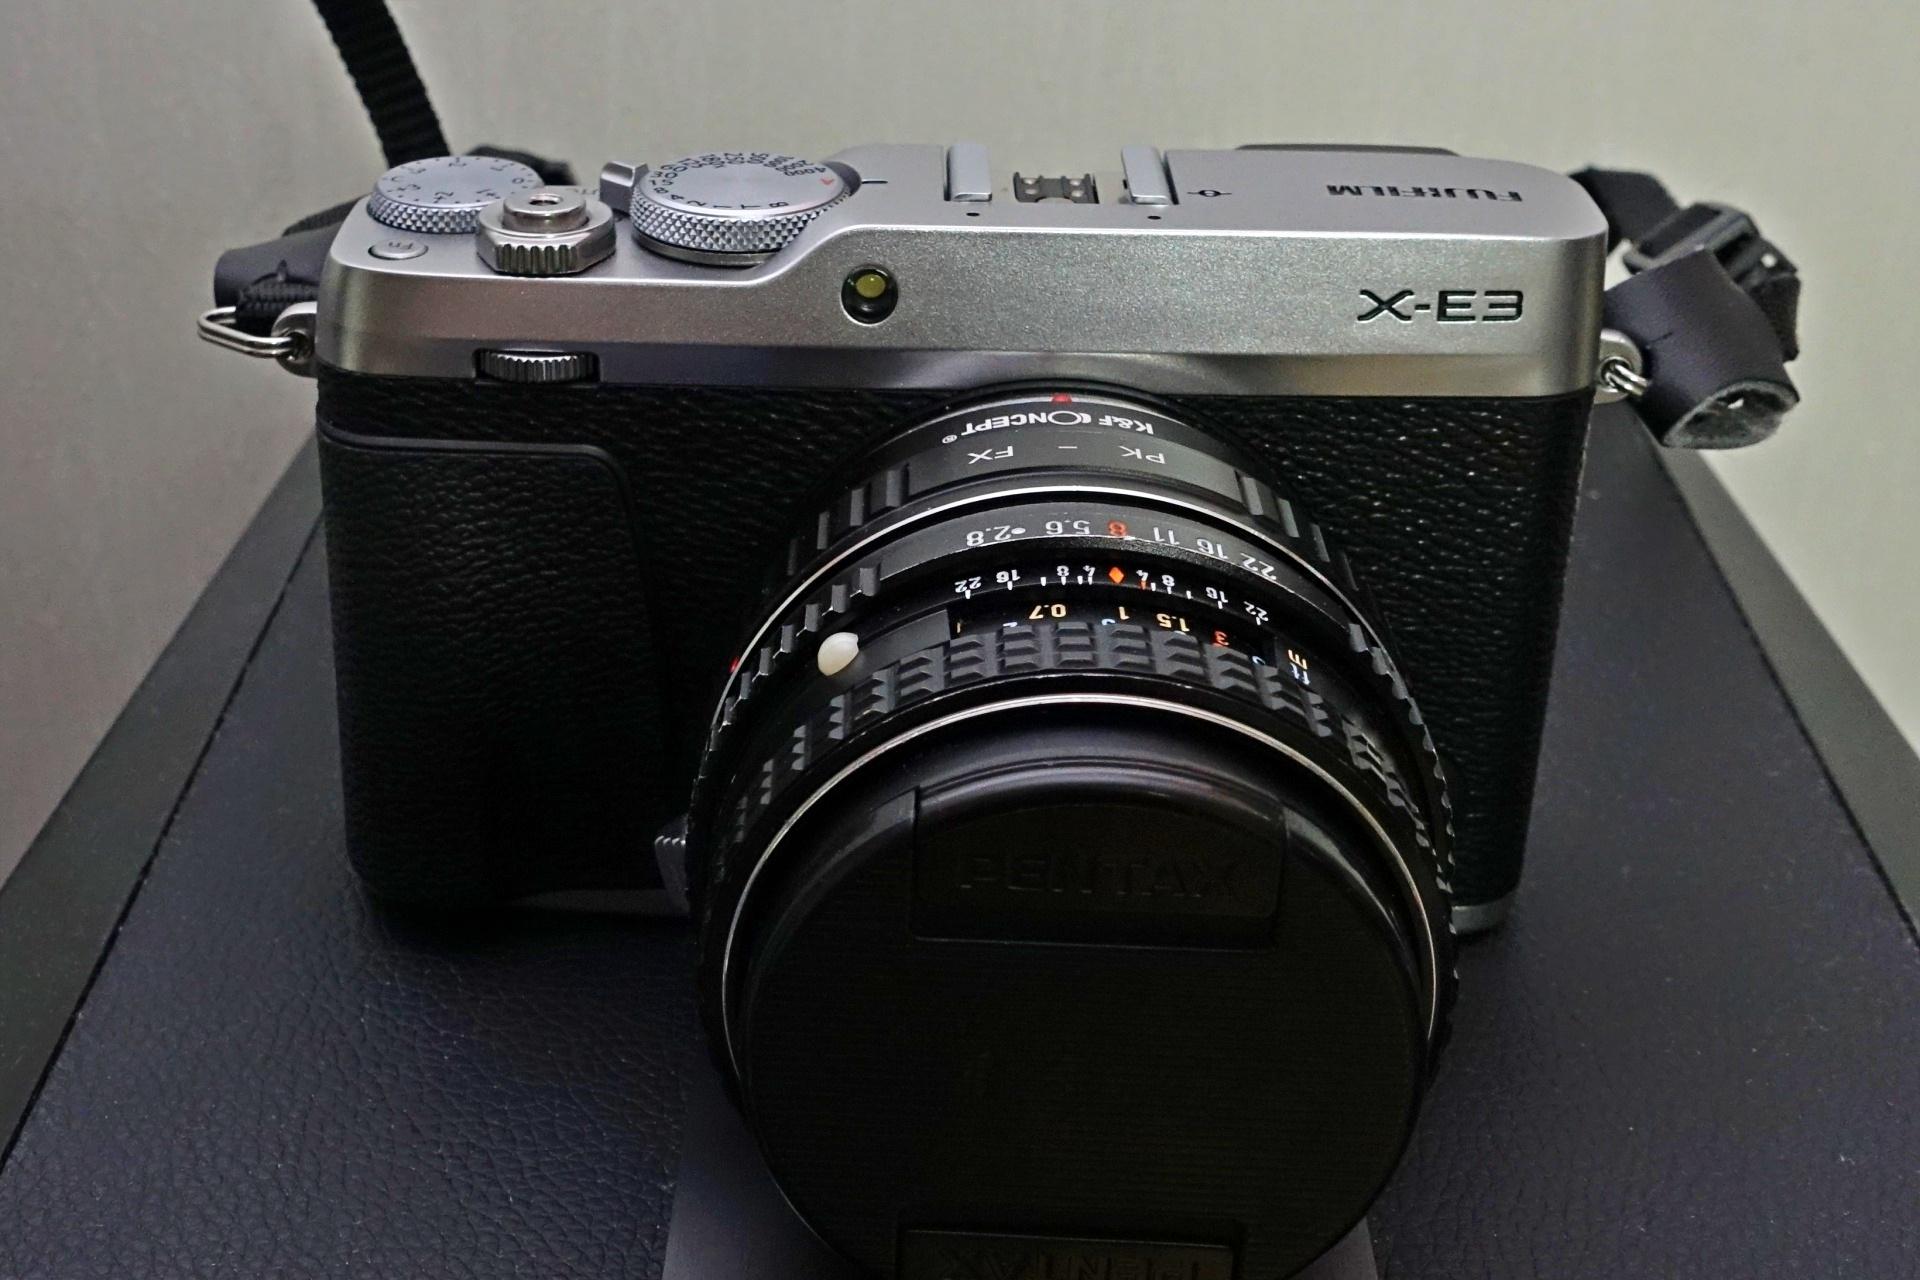 해상력 간단 테스트 - 펜탁스 SMC Pentax-M 28mm ..